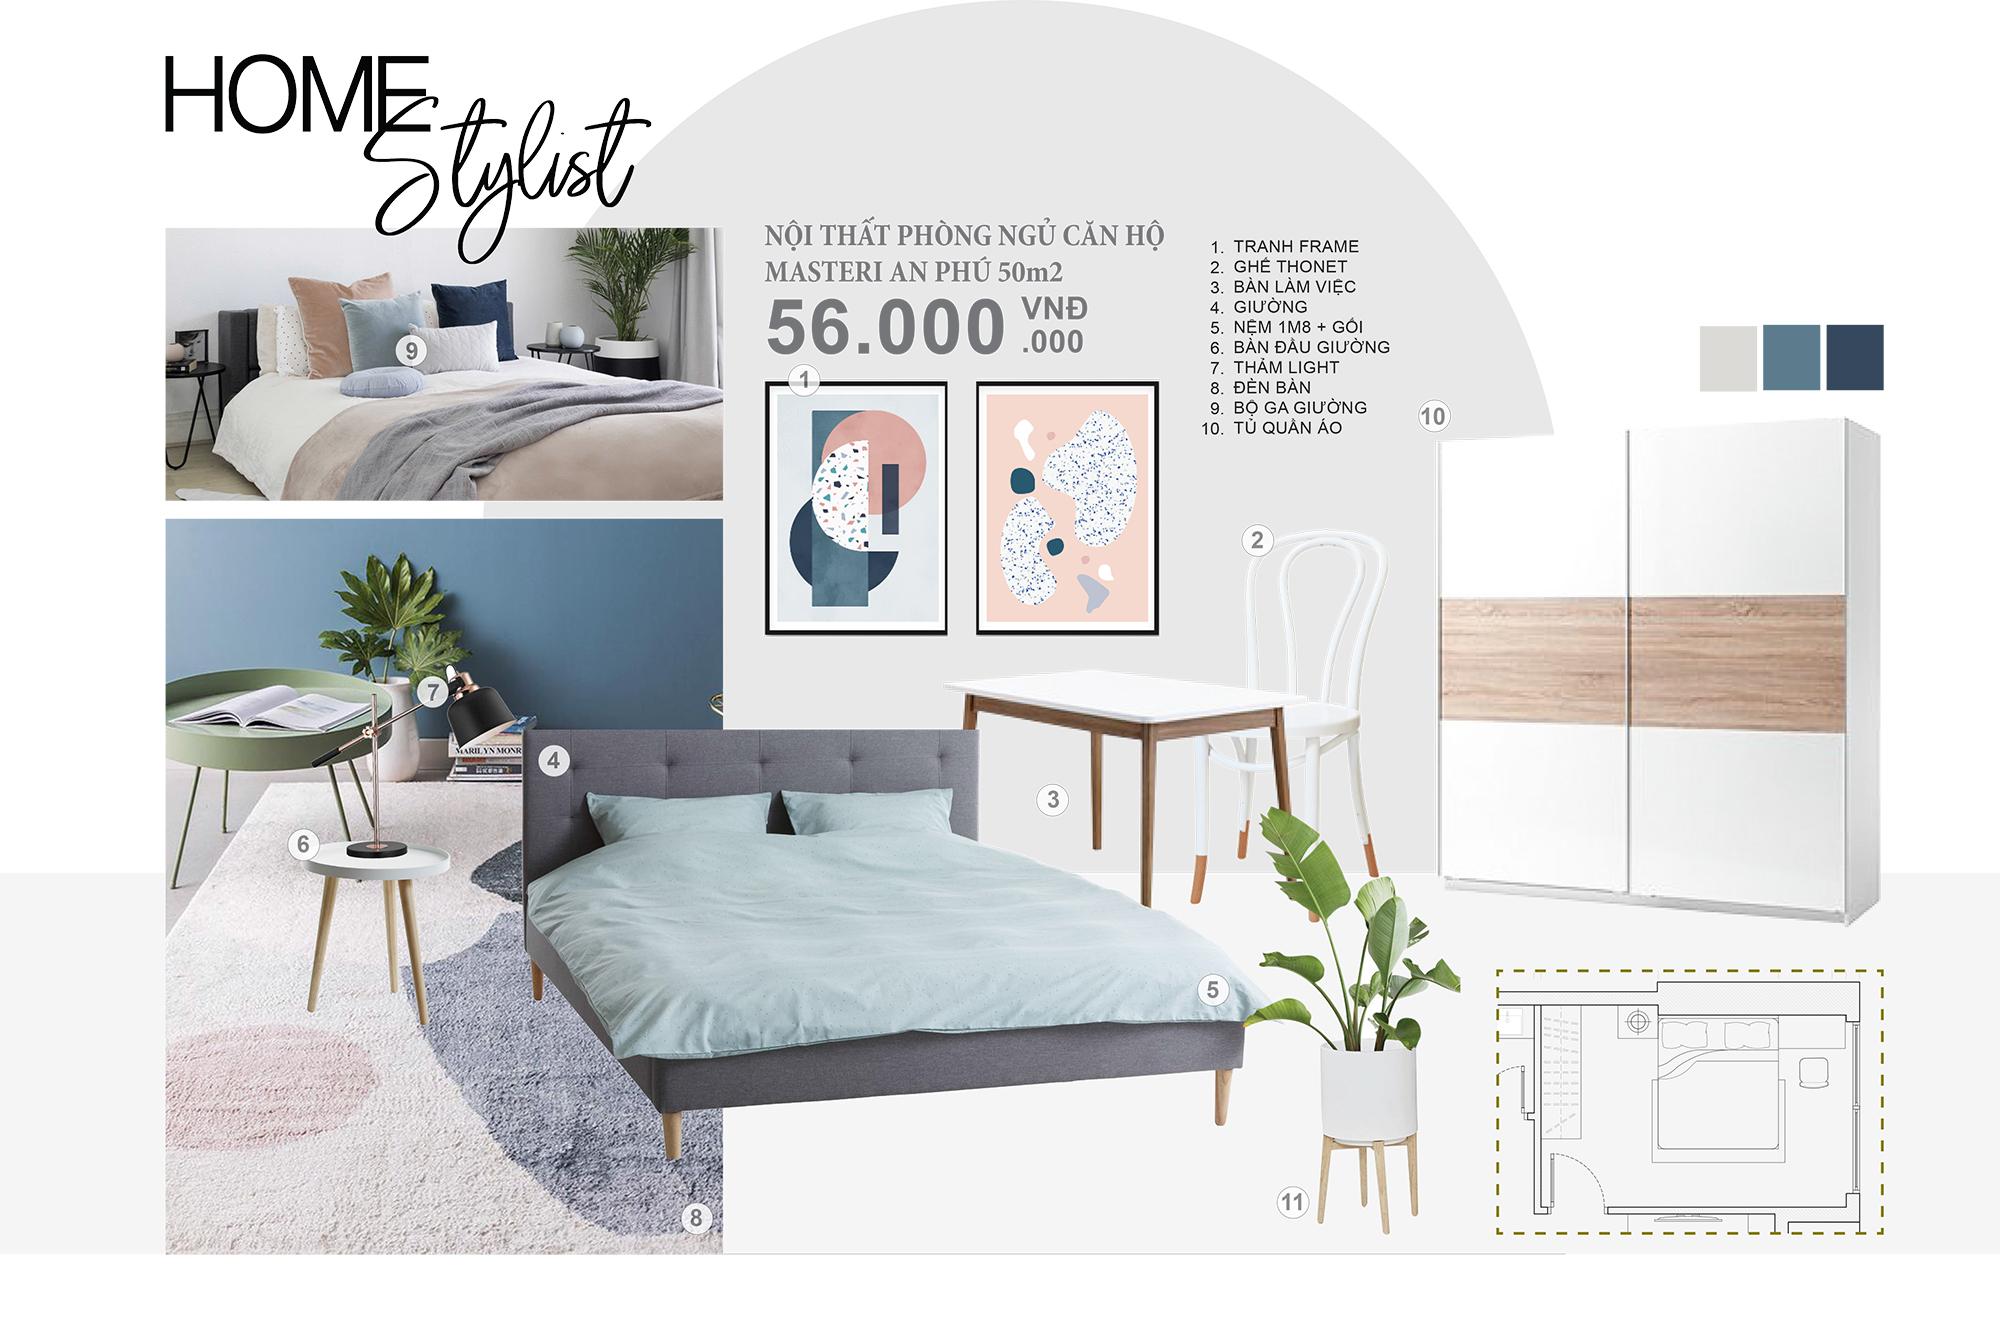 Concept nội thất phòng ngủ căn hộ Masteri - Không gian phòng ngủ là nơi mang đến cảm giác thư giãn cho mỗi người. Cách bố trí khoa học hợp lý tác động mạnh đến cảm nhận và cảm giác cho người sử dụng.Với mẫu concept này bạn sẽ hoàn toàn thoải mái sử dụng và gắn bó với căn hộ của mình.